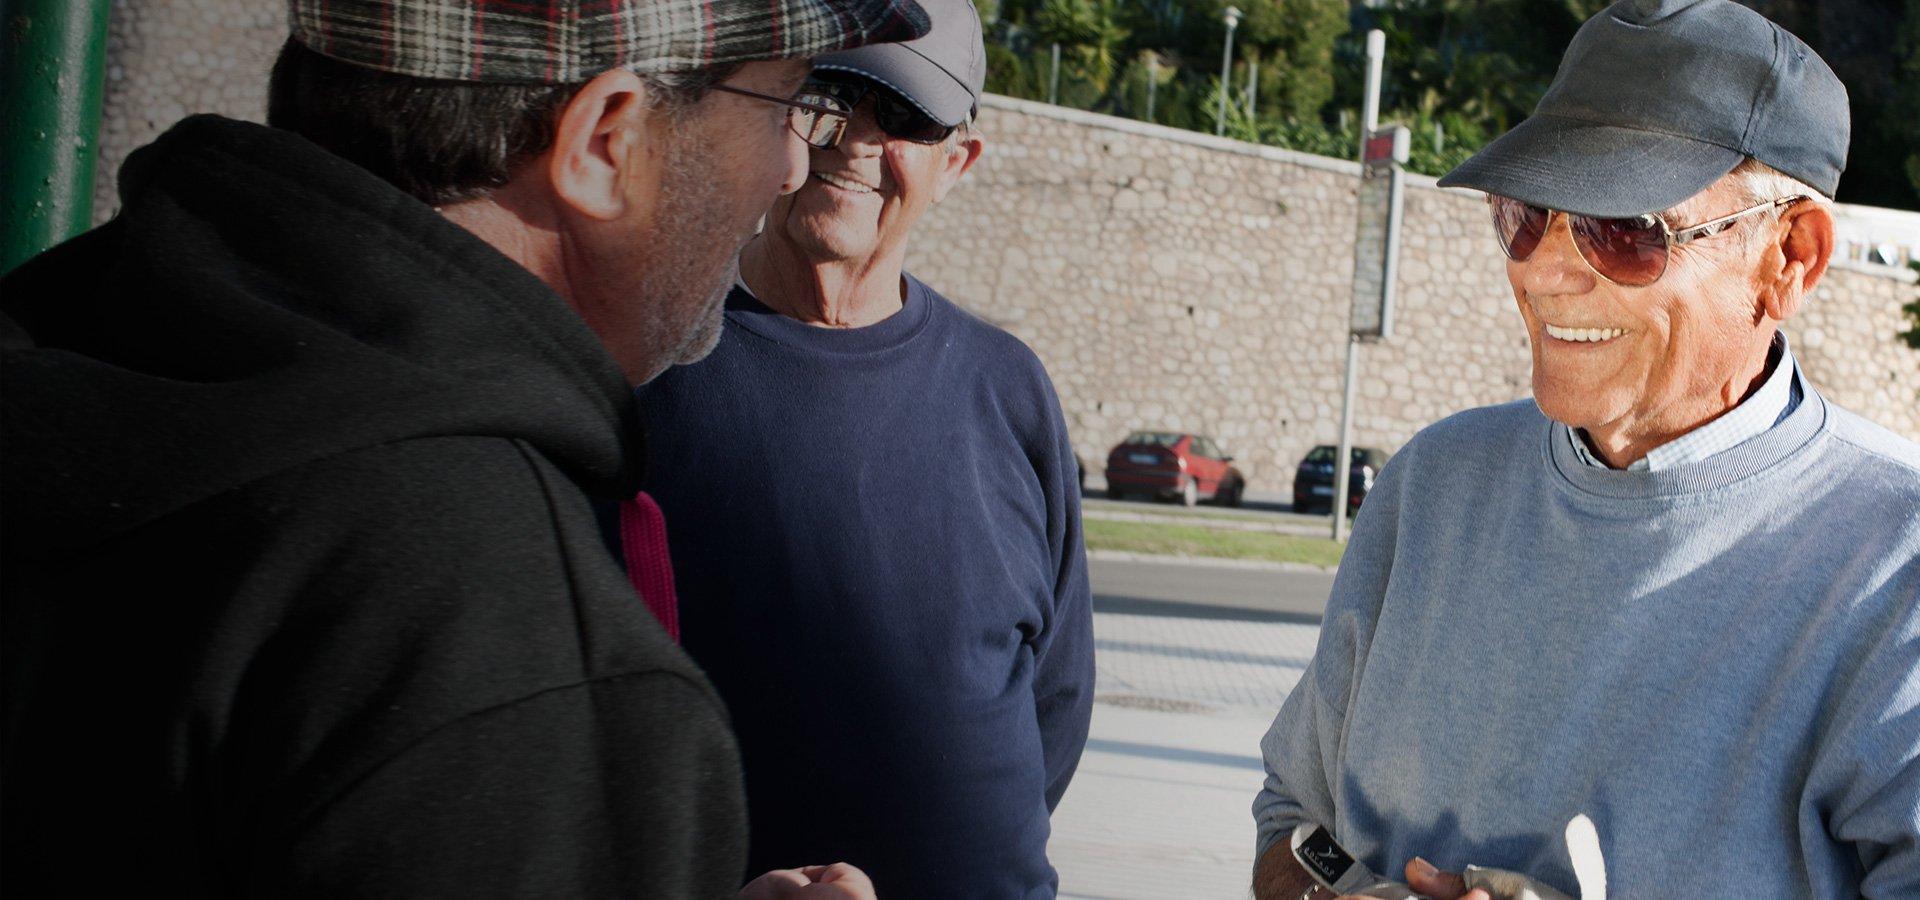 trois hommes âgées seniors avec casquettes parlent ensemble